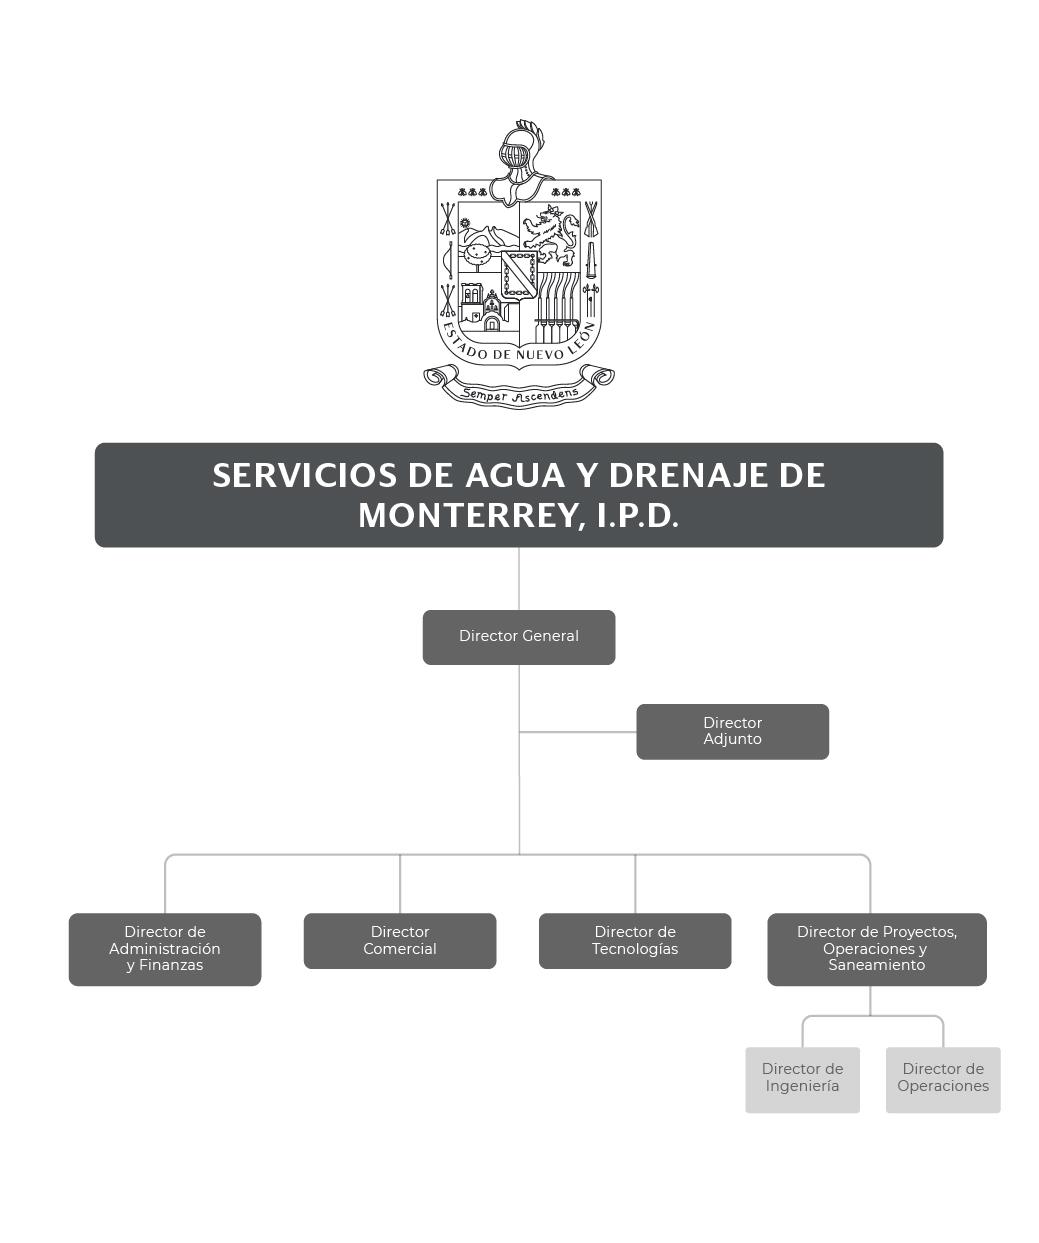 Organigrama de Servicios de Agua y Drenaje de Monterrey, I.P.D.